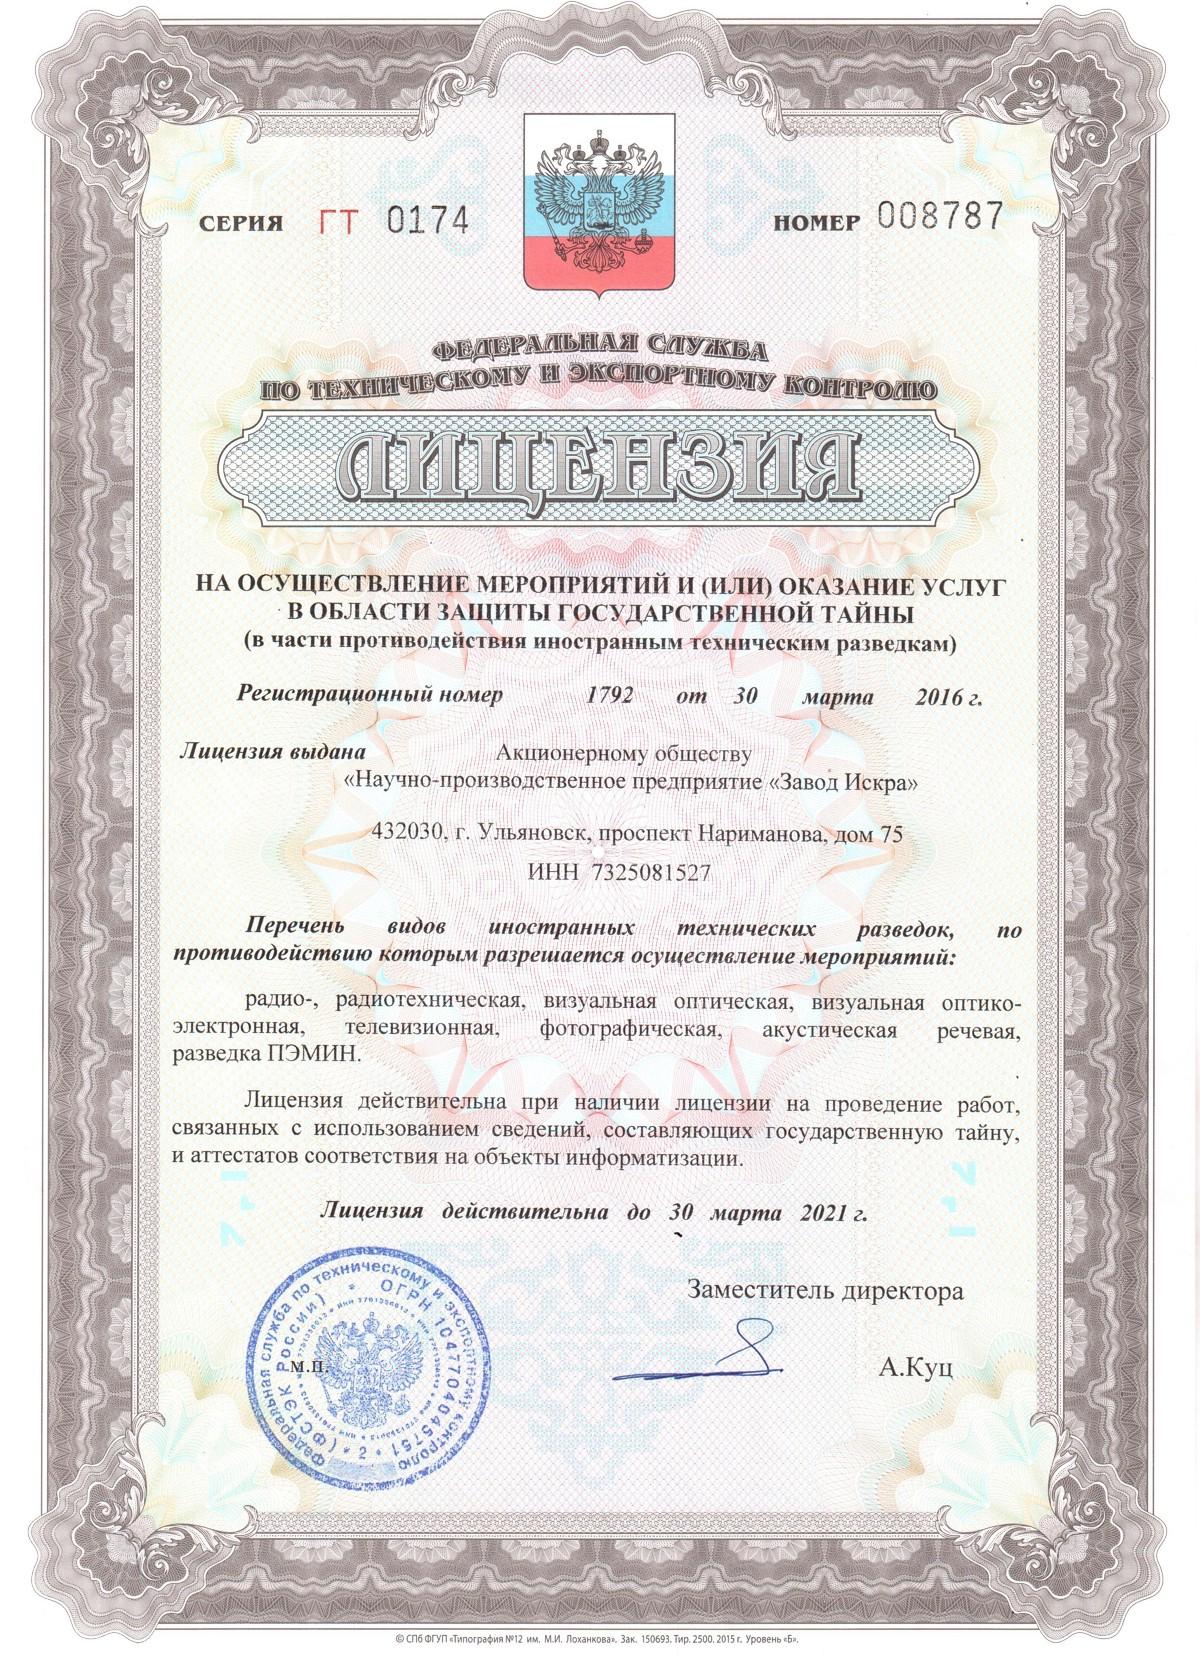 АО «НПП «Завод Искра» — лицензиат в области защиты гостайны